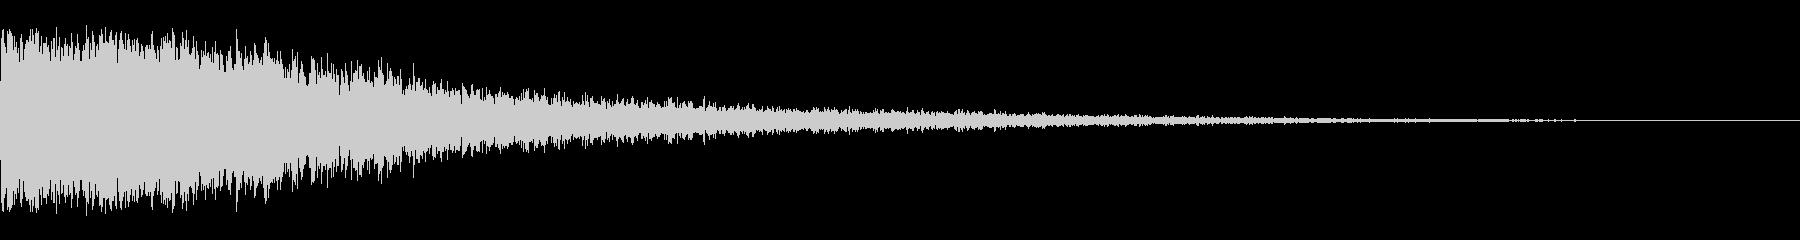 チュキン(きらめき音)の未再生の波形